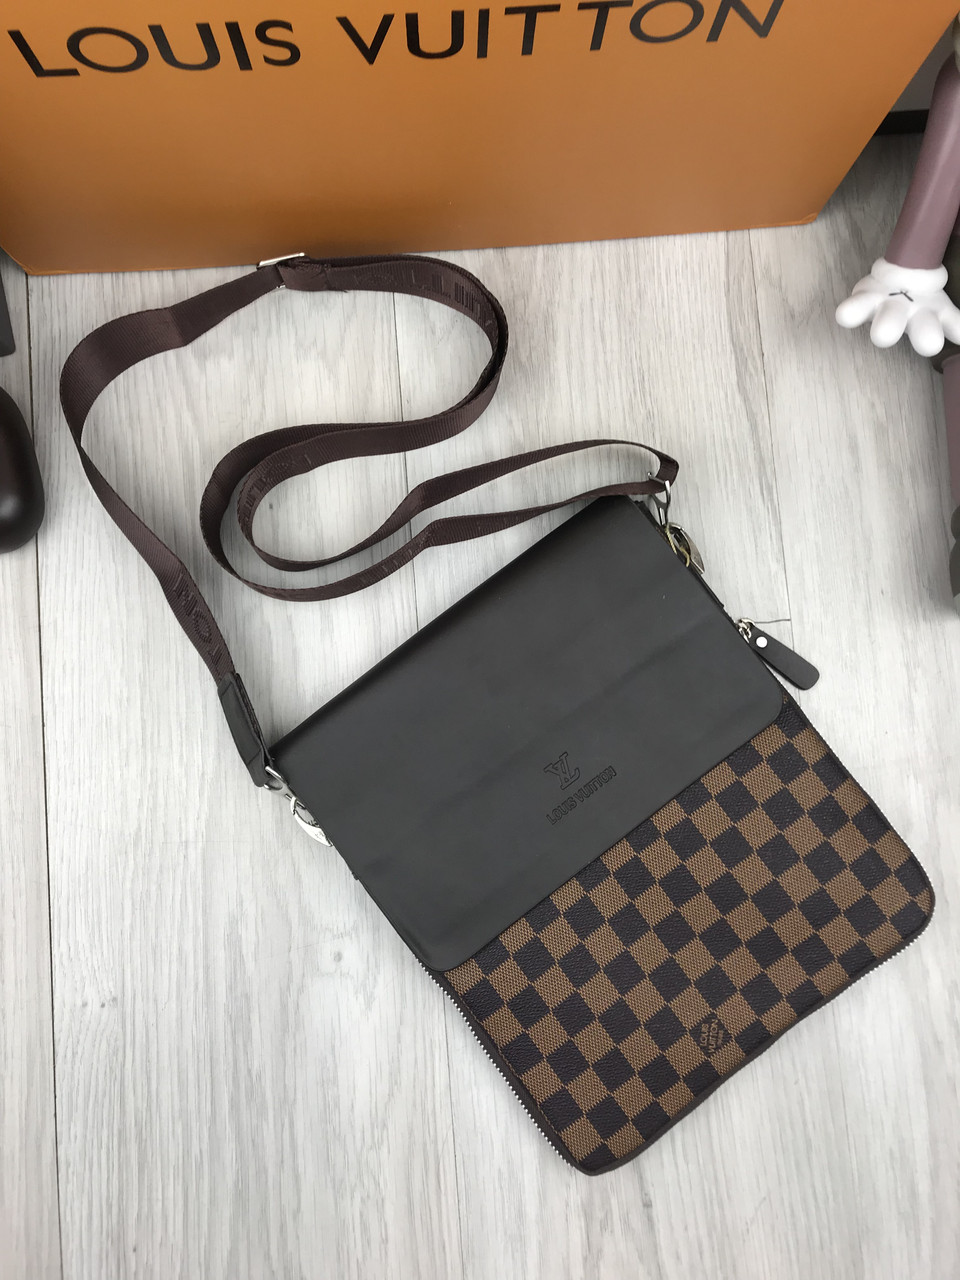 cbf467055925 Сумка мужская через плечо планшетка брендовая Louis Vuitton коричневая  копия высокого качества - AMARKET - Интернет